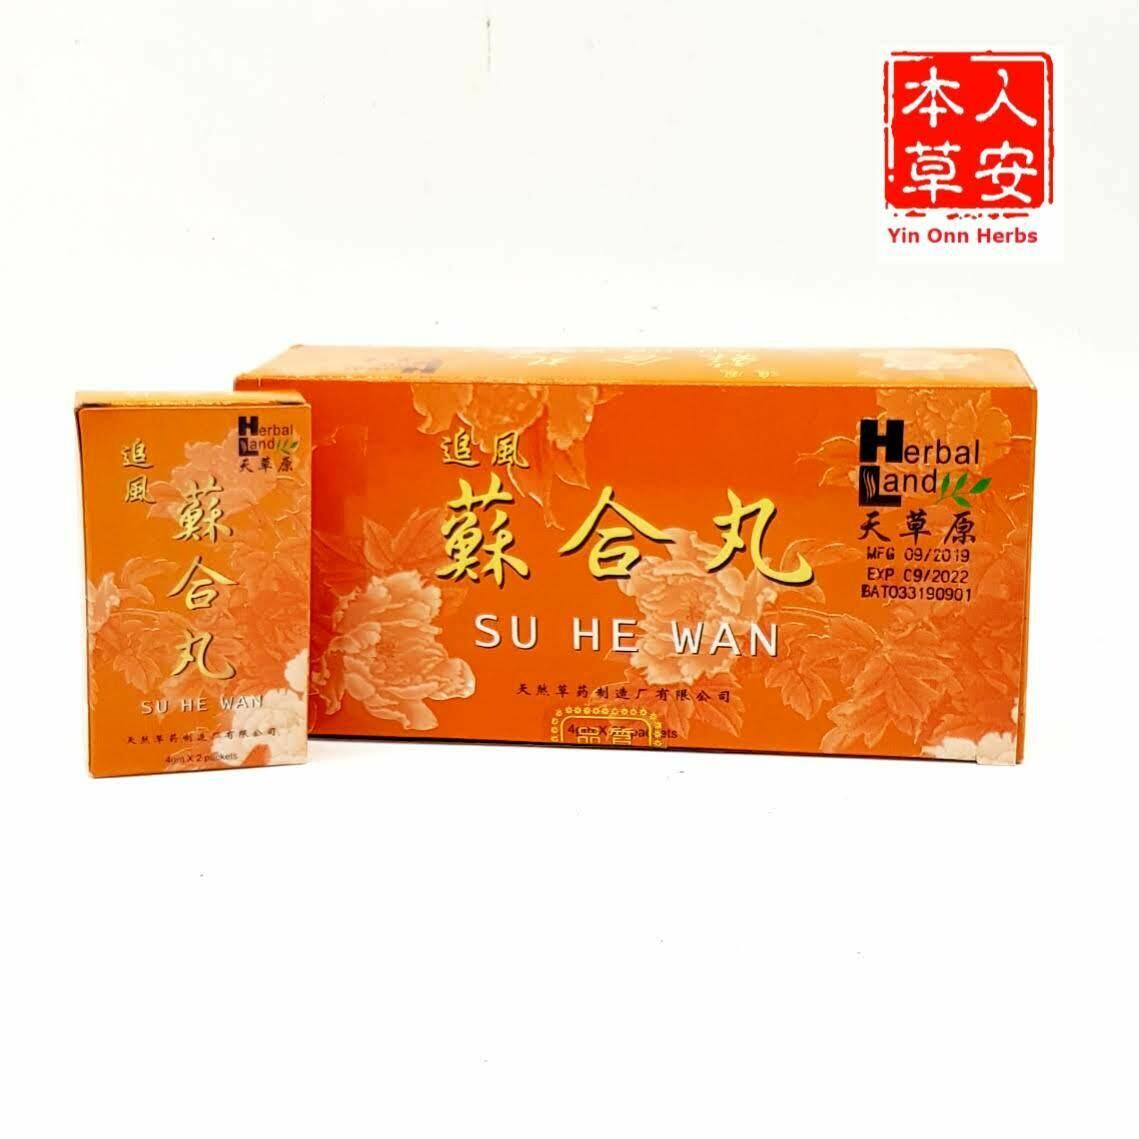 追风苏合丸 20丸 ZhuiFung So Hup Pills (small pills)